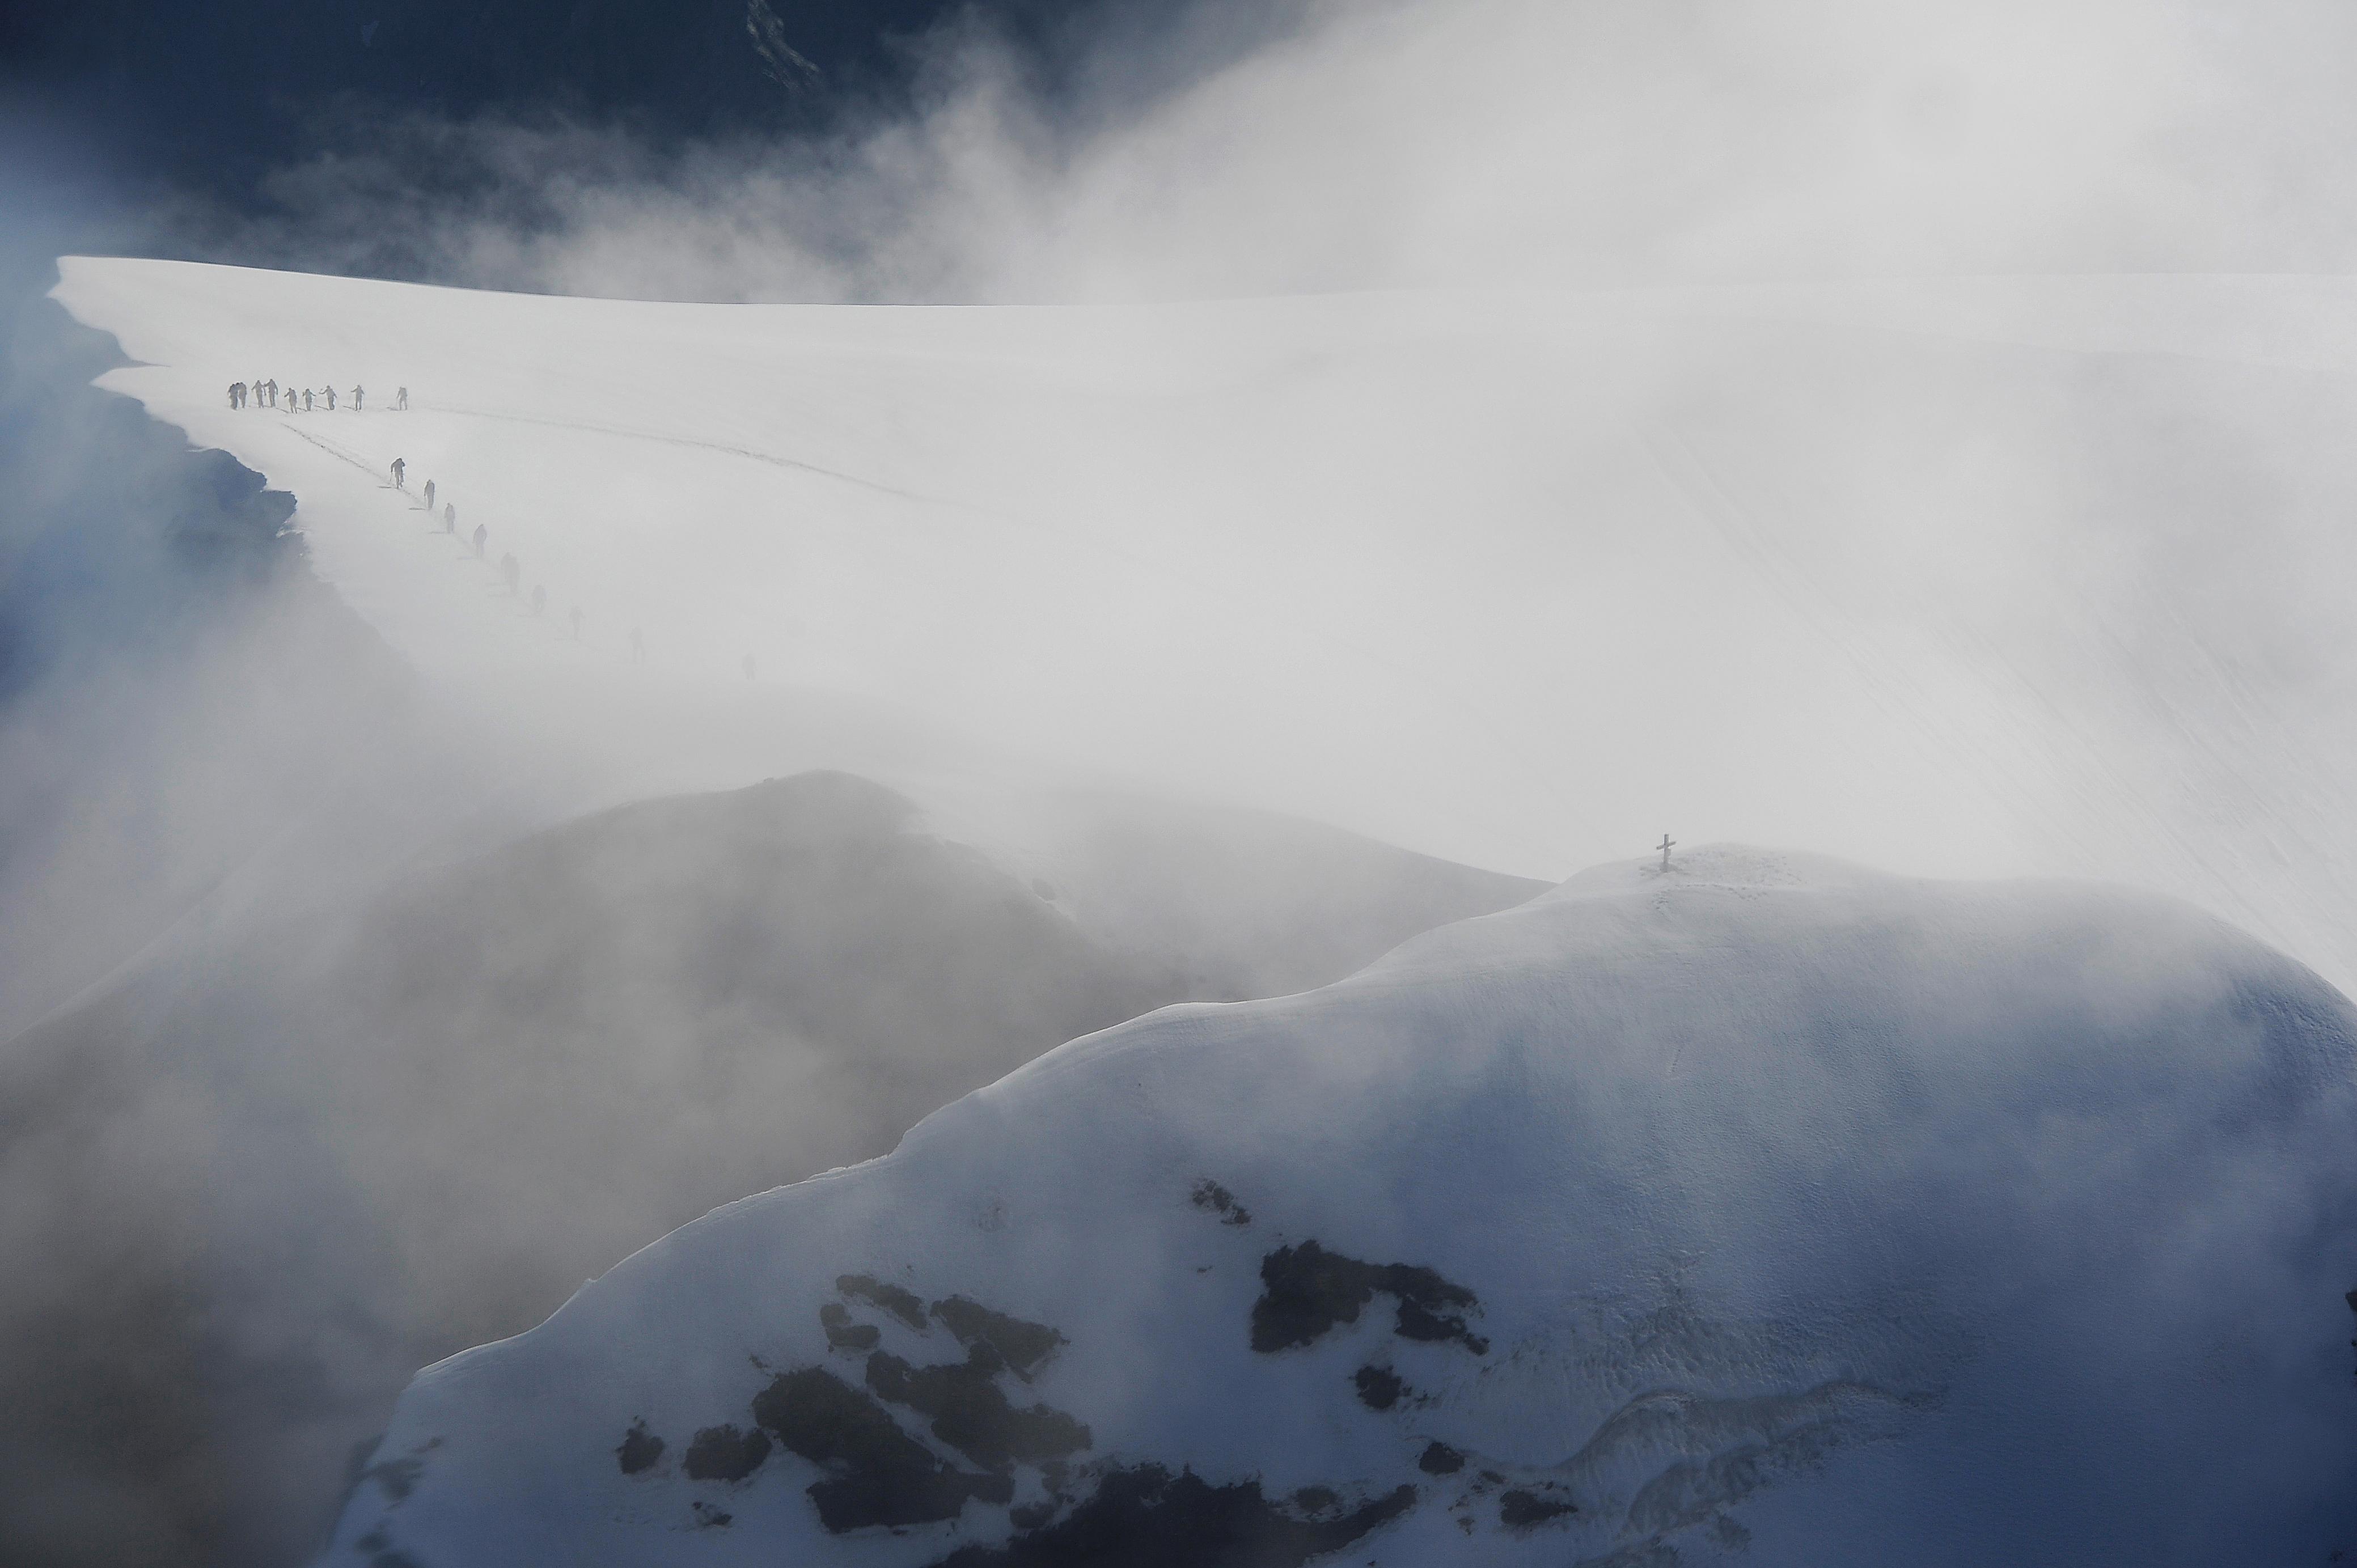 Gipfelwärts - Glarner Bergwelten, Ausstellung von Maya Rhyner